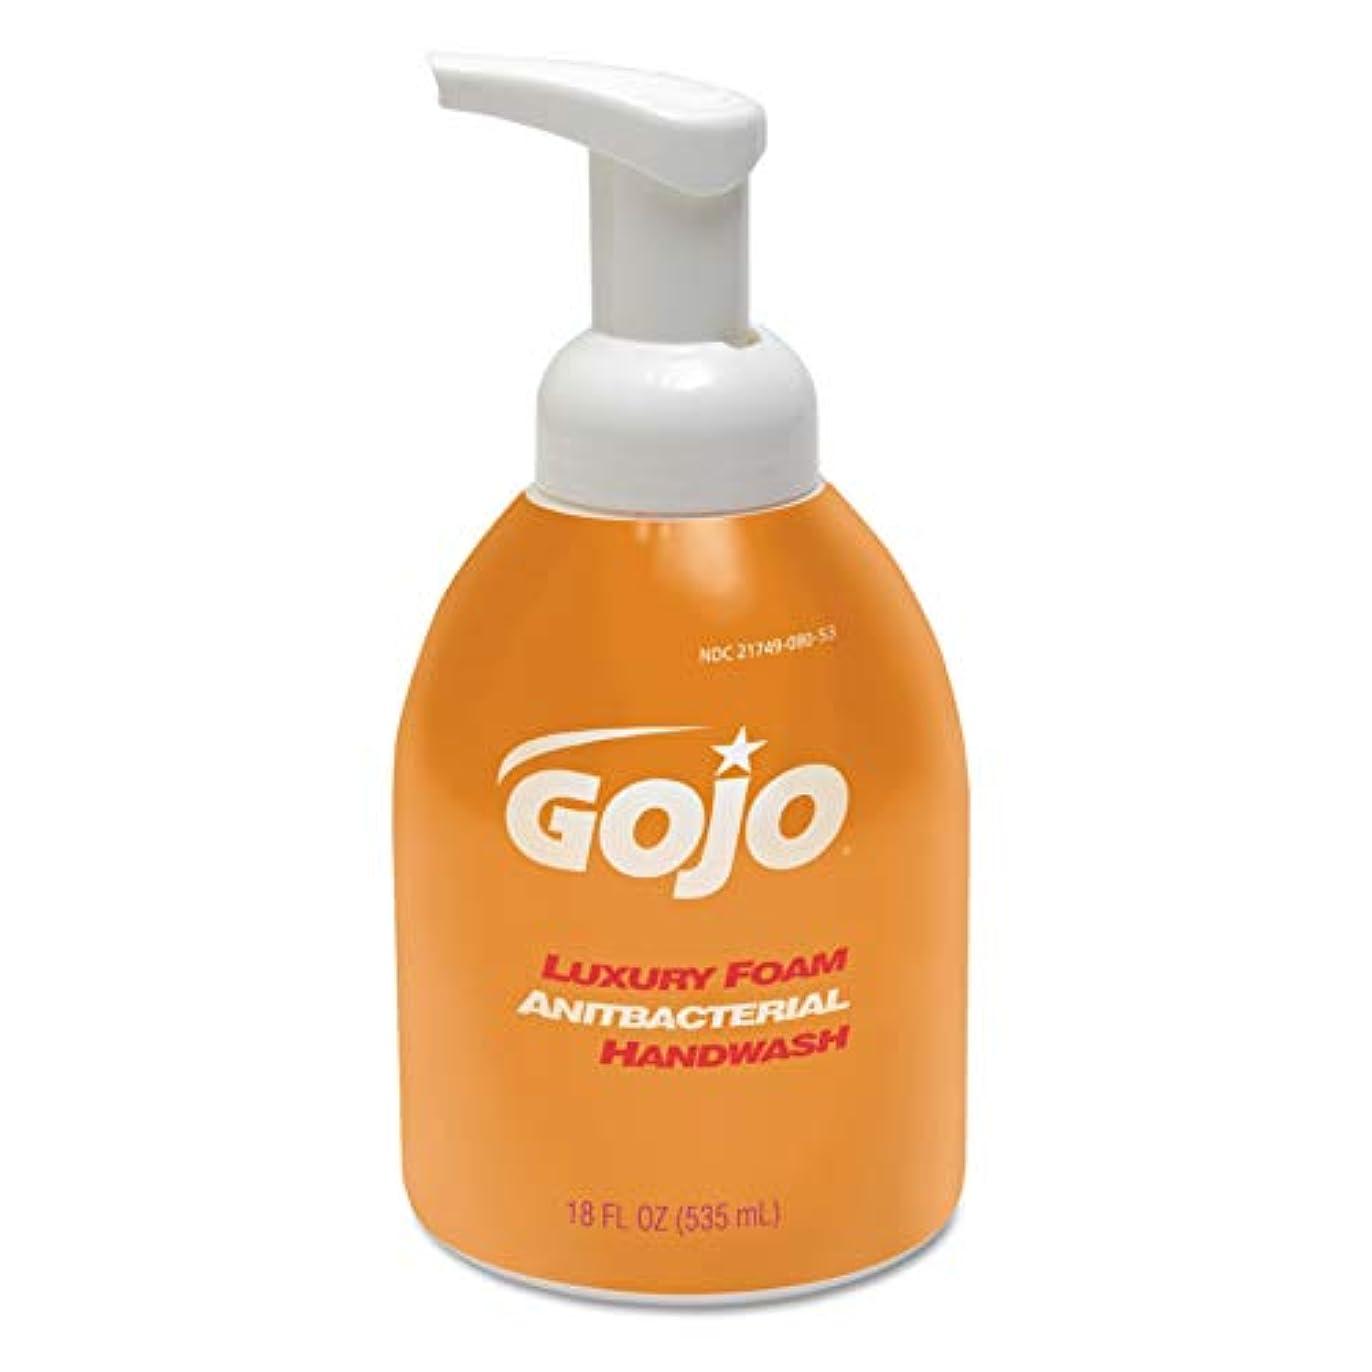 興奮好意公平なLuxury Foam Antibacterial Handwash, Orange Blossom, 18 oz Pump (並行輸入品)